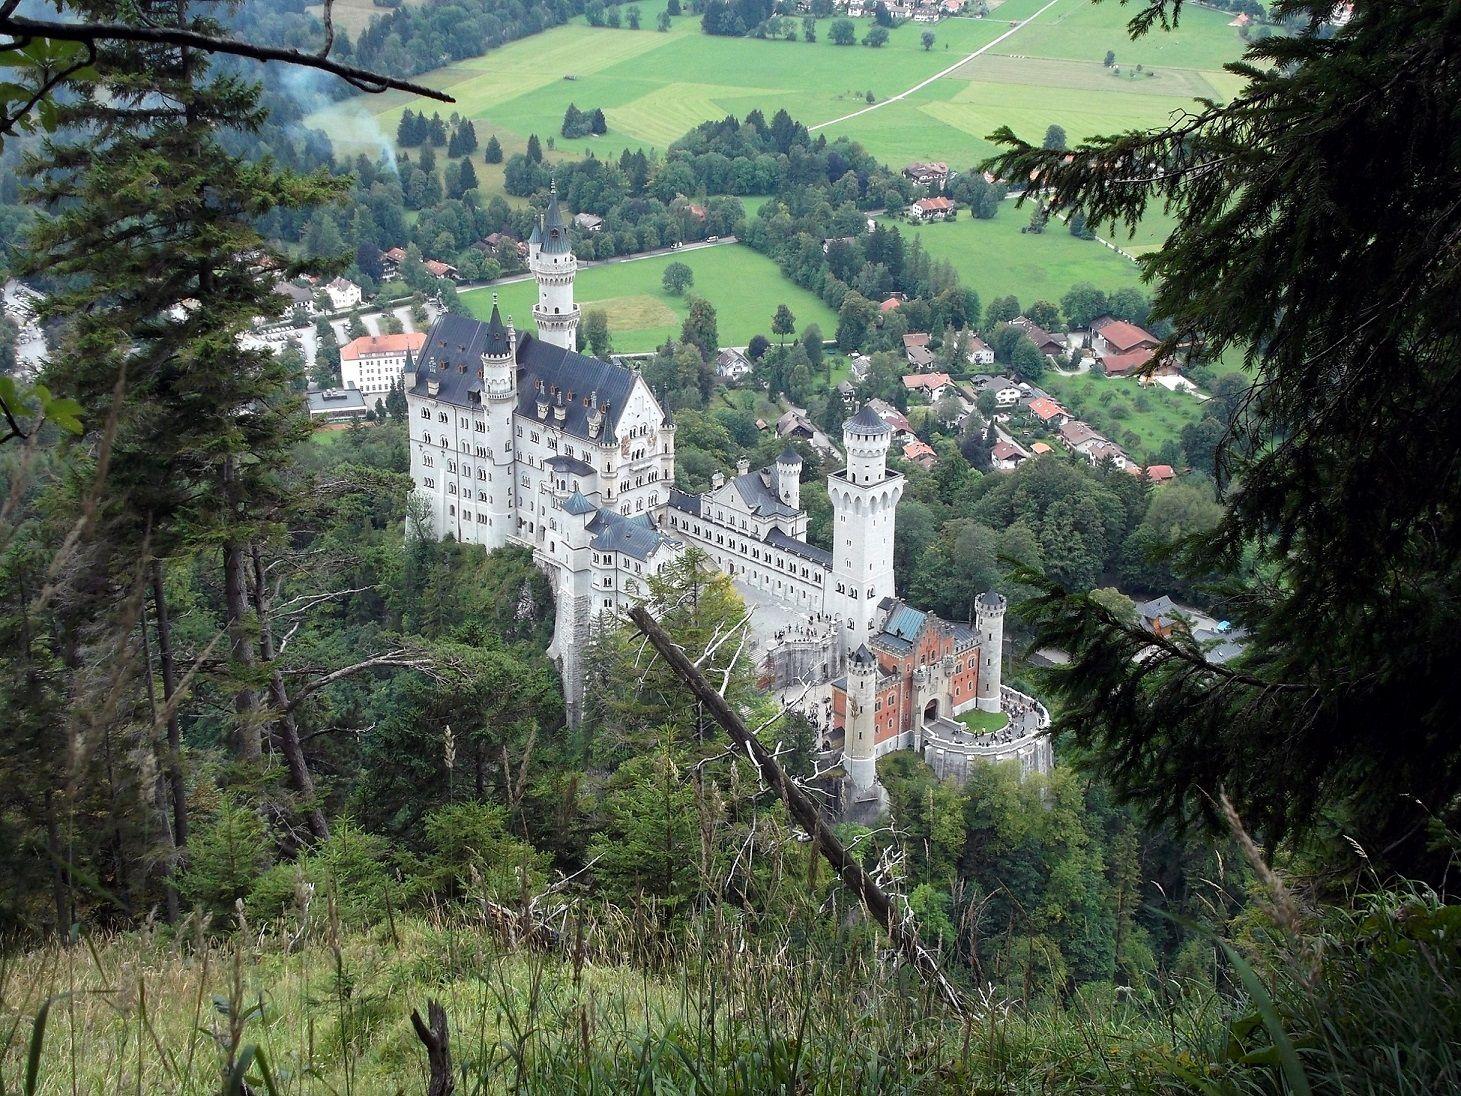 Schloss Neuschwanstein Allgauer Alpen Alpen Allgau Wandern